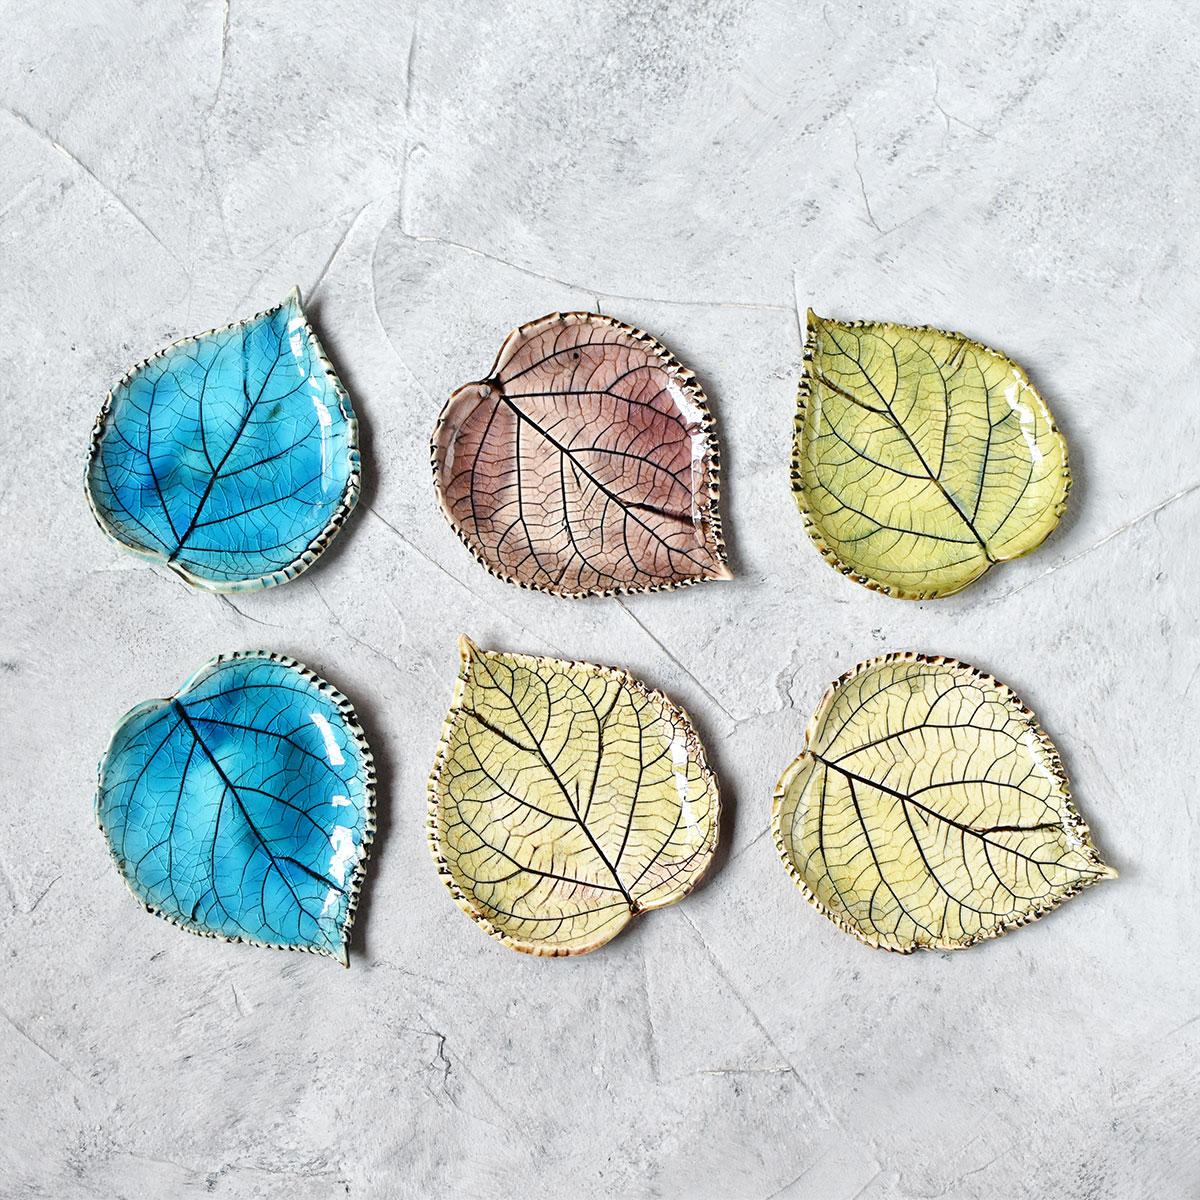 картинка Керамическая тарелочка в форме листа малая - DishWishes.Ru